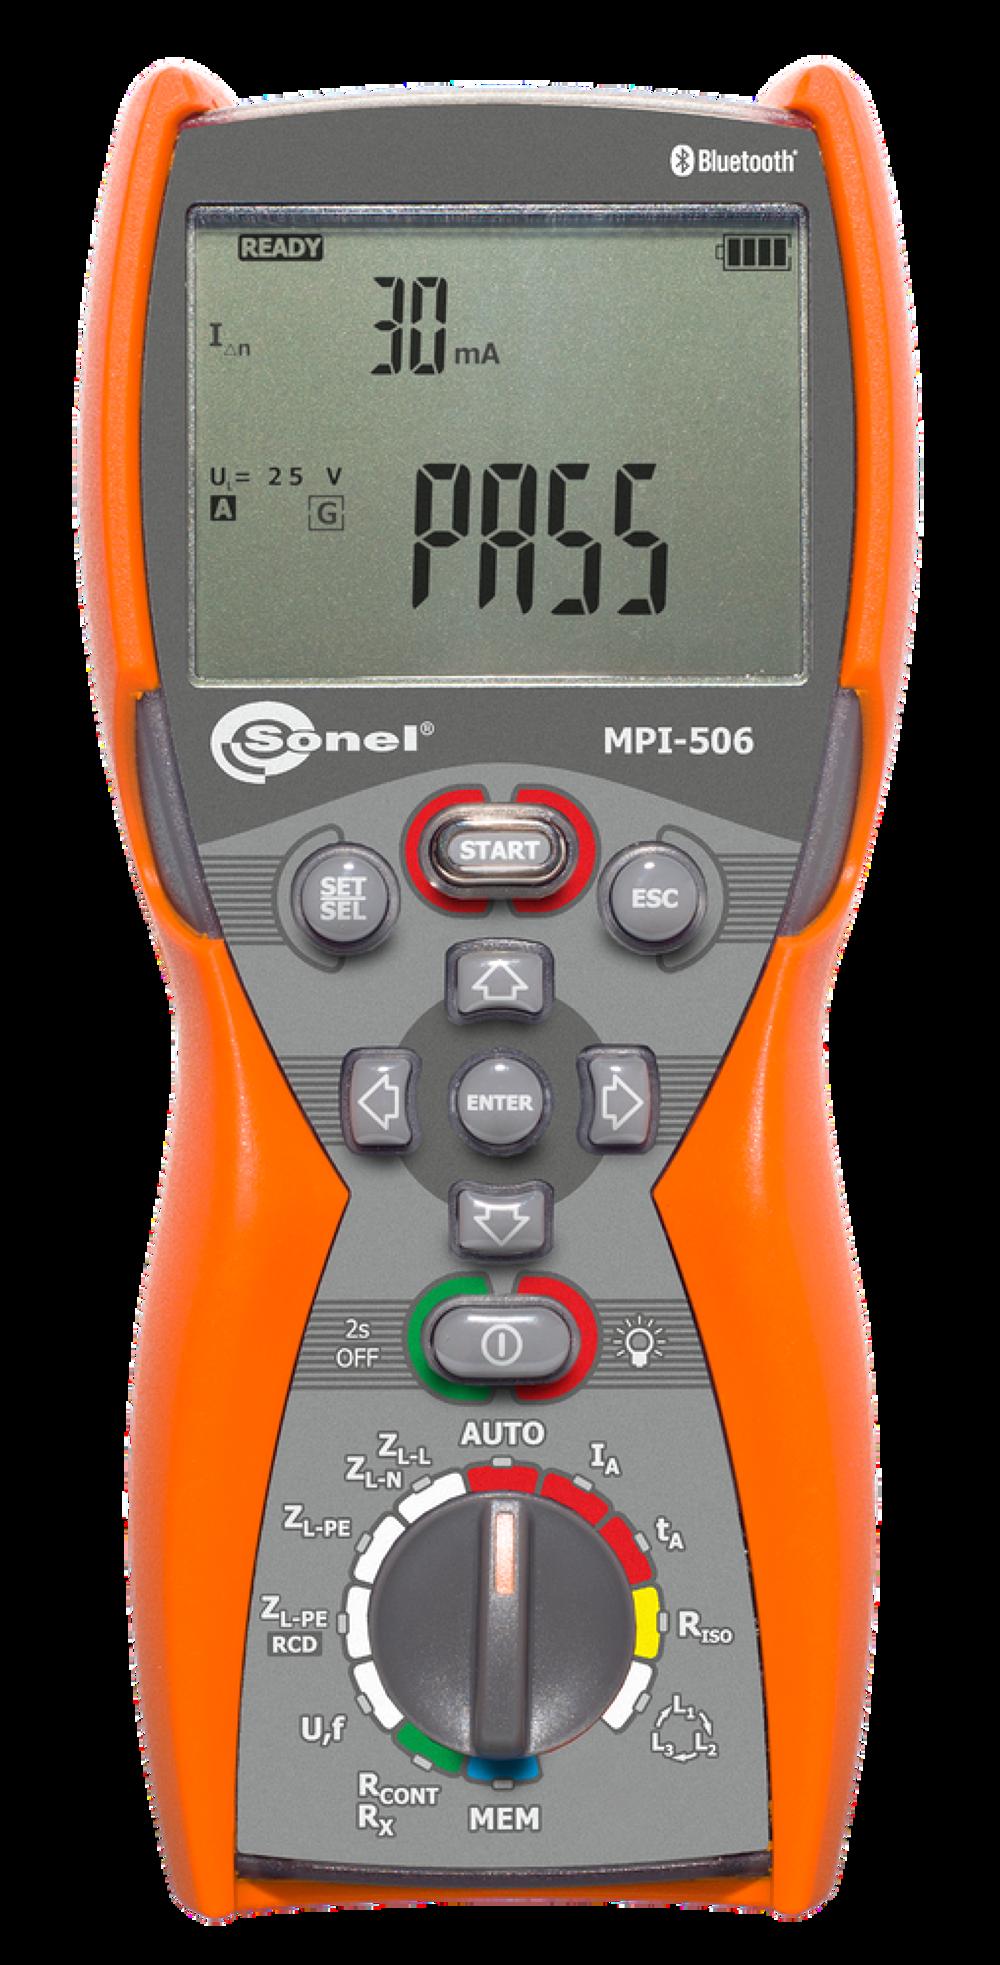 Đồng hồ đo đa năng các thông số lắp đặt điện Sonel MPI-506